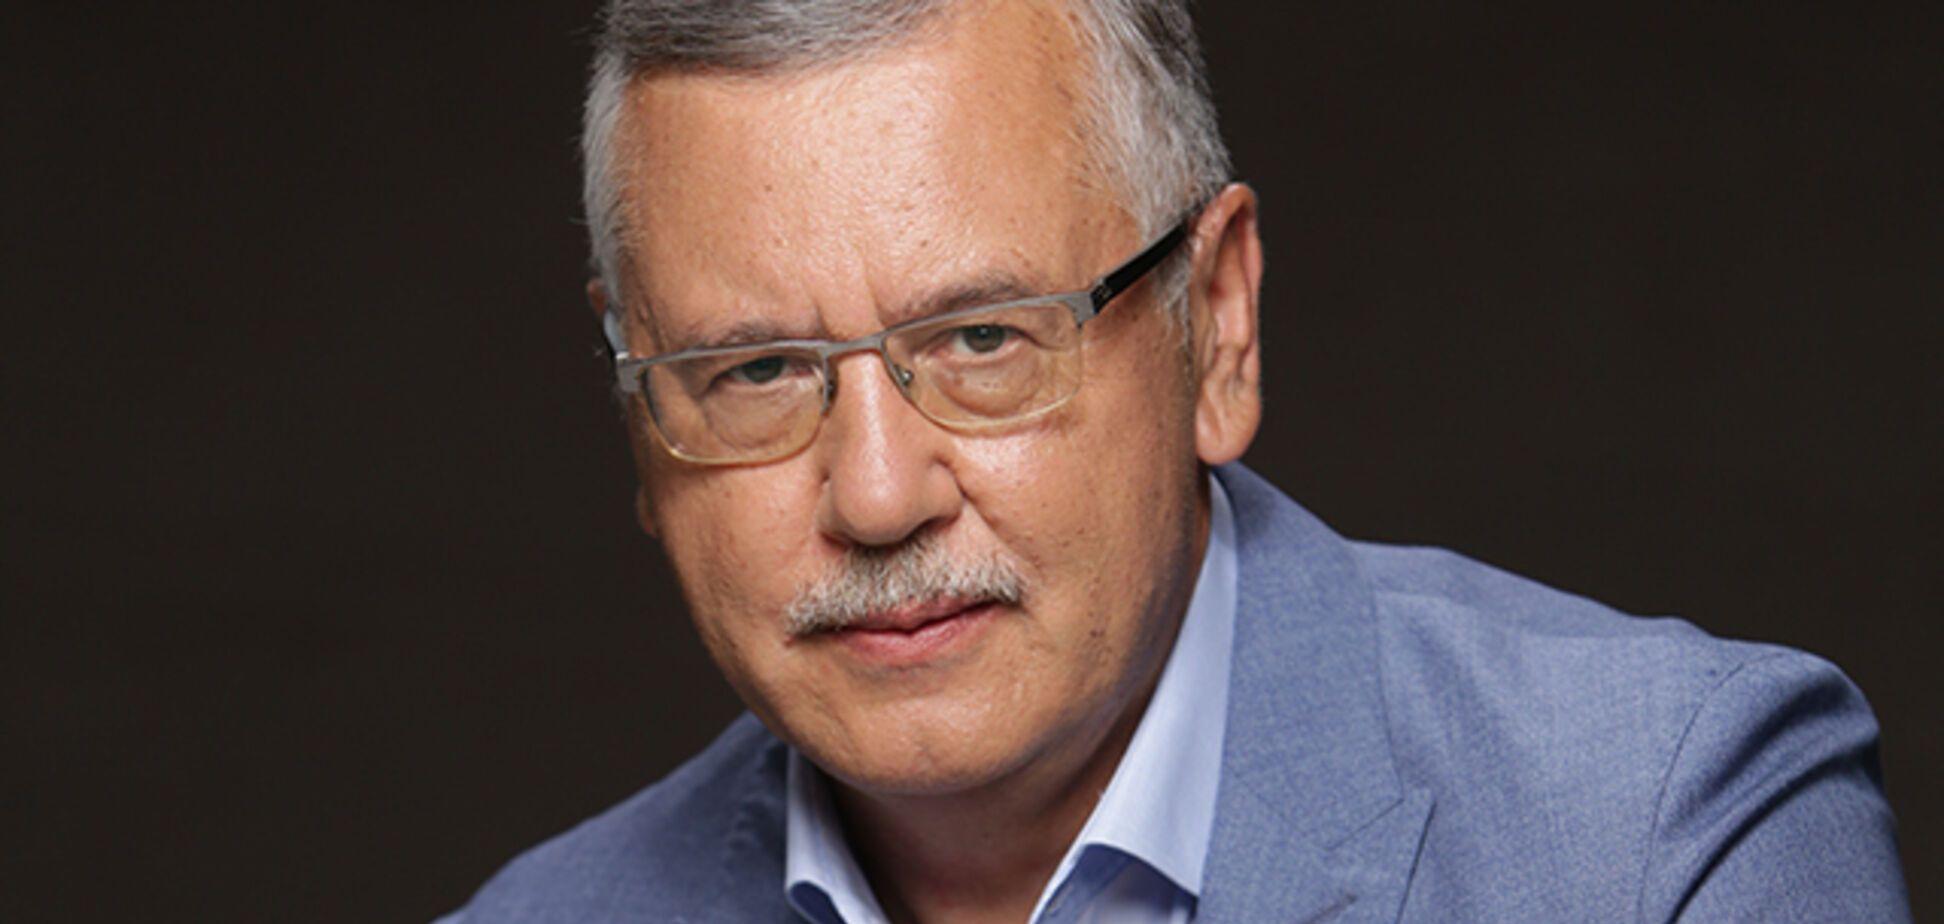 Гриценко рассказал, чем будет заниматься нардеп Залищук в его штабе